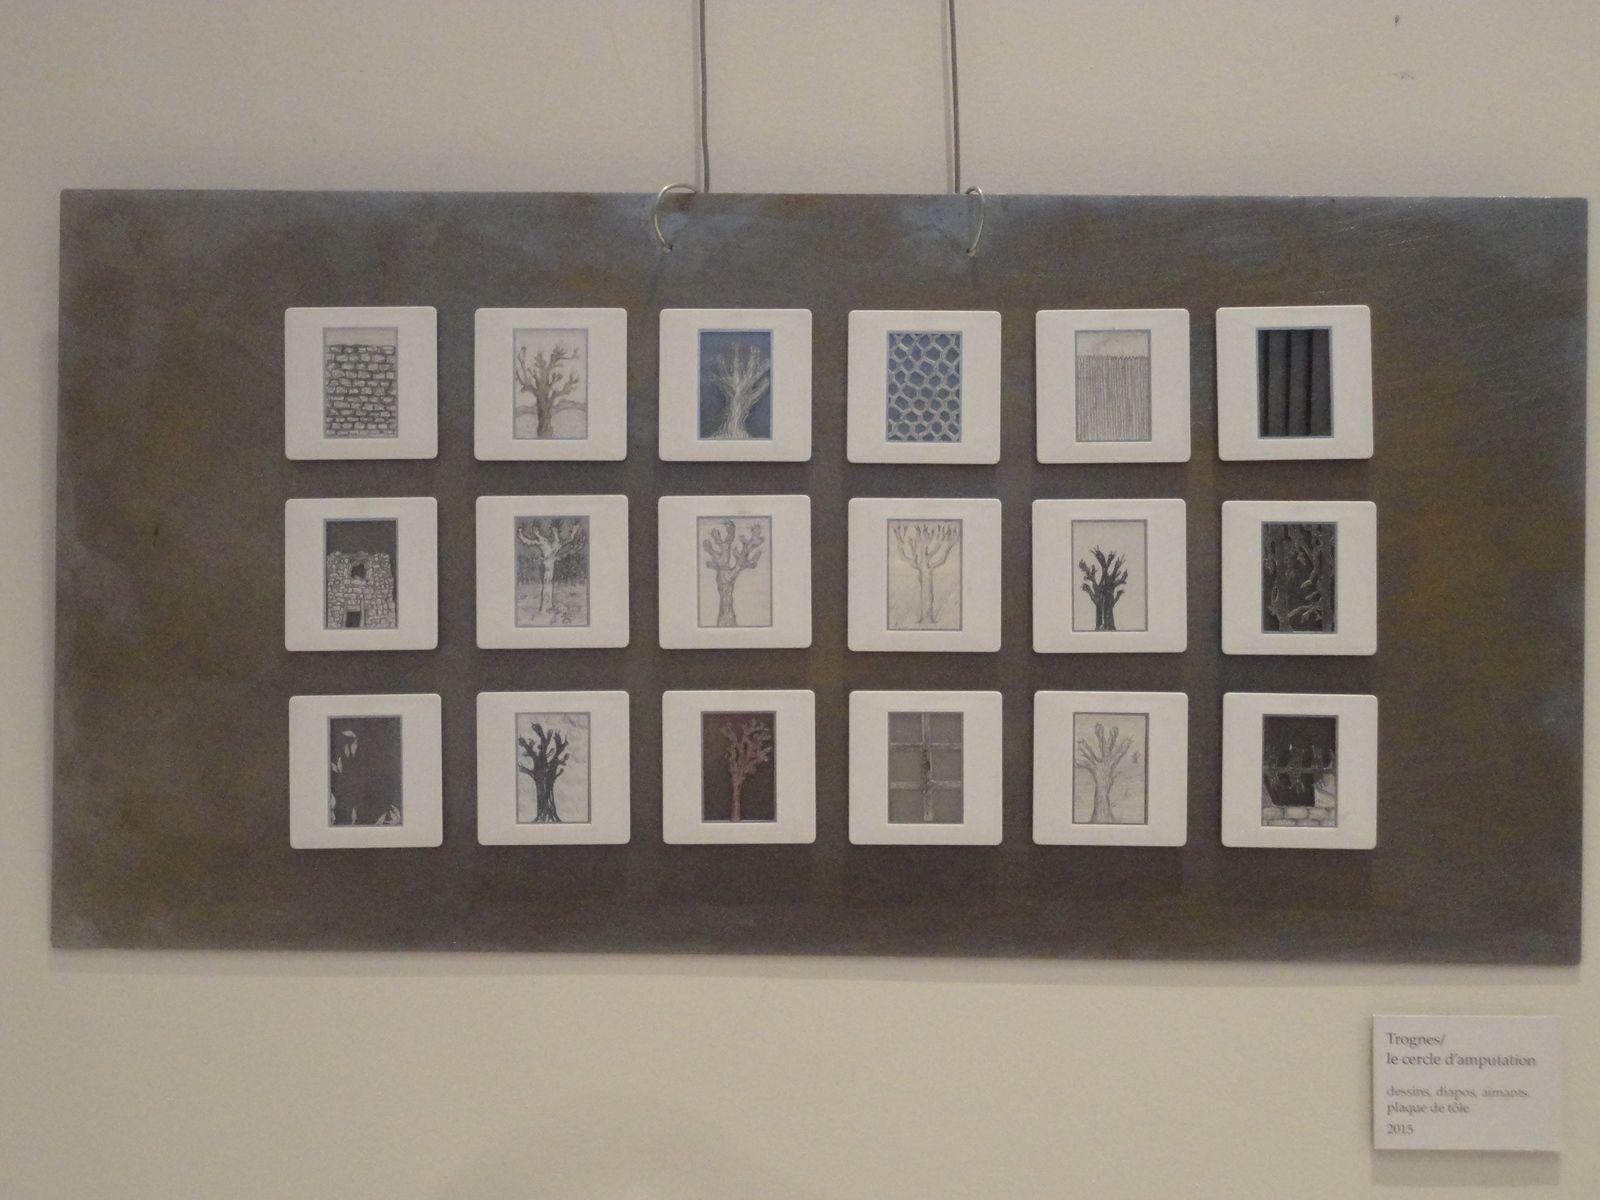 Cercle d'amputations, dessinset diapos aimantés à combinaisons multiples, 50x24 cm, 2015